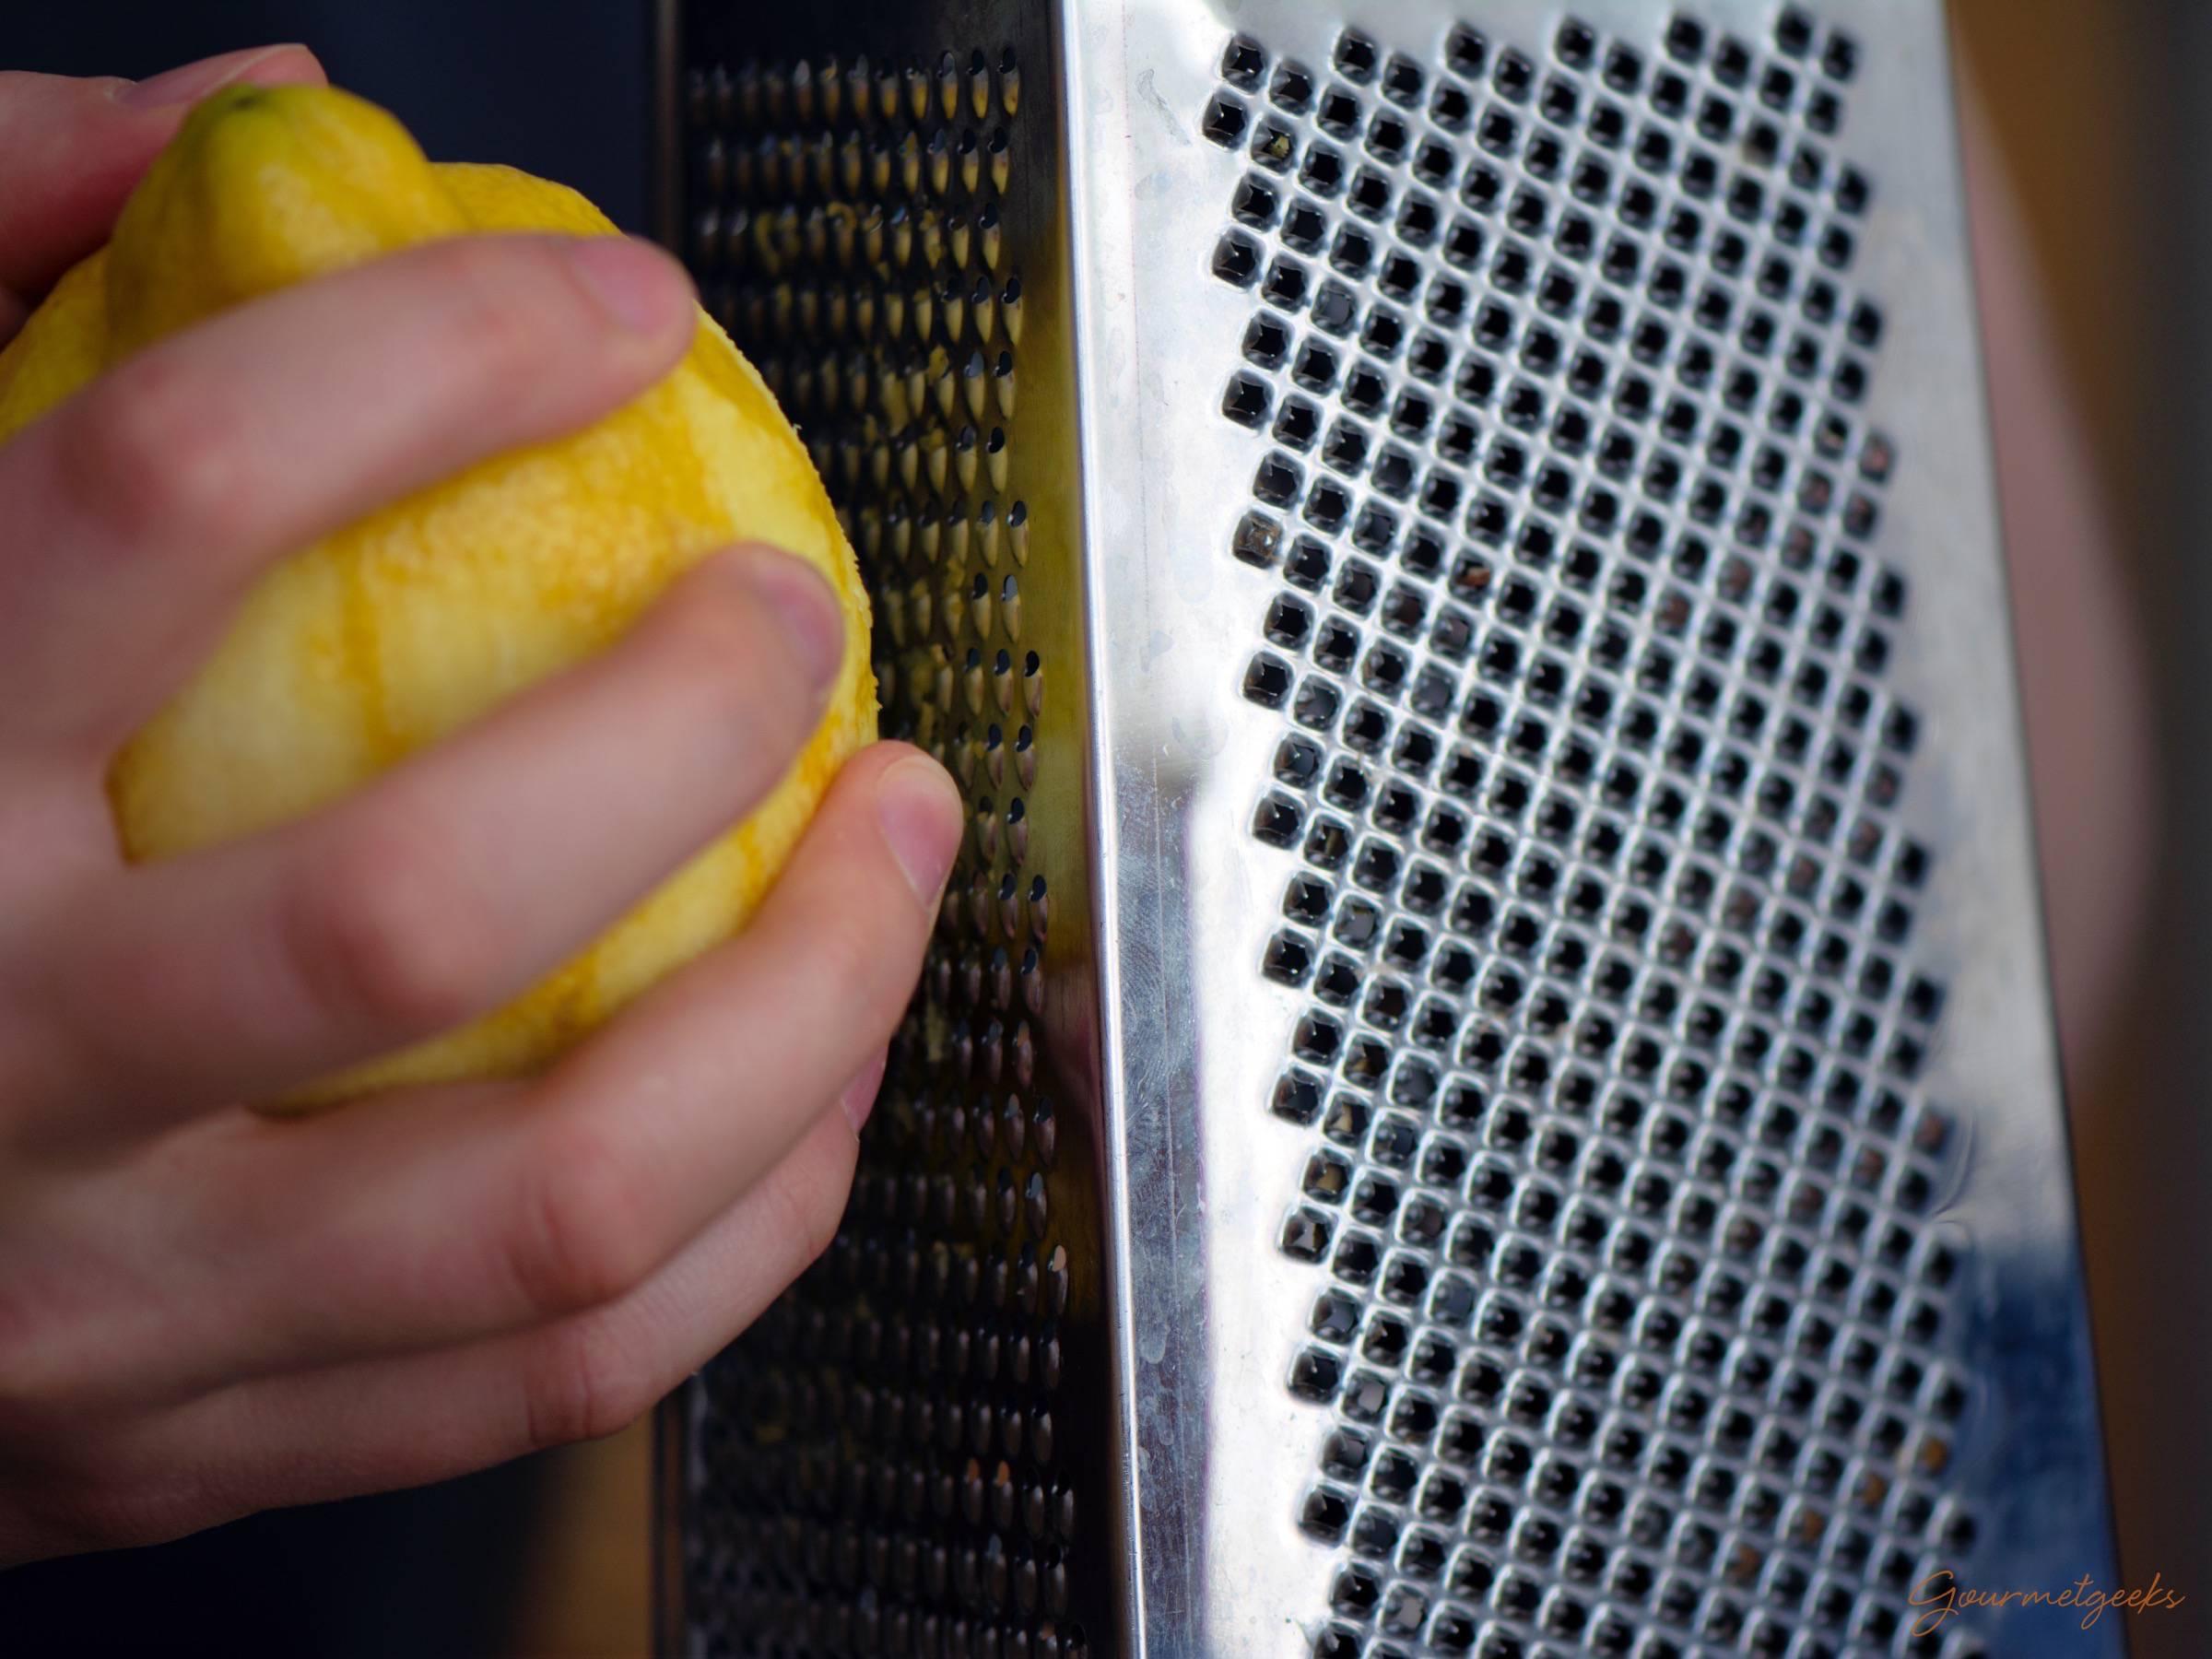 Los geht's: Zitronen reiben!